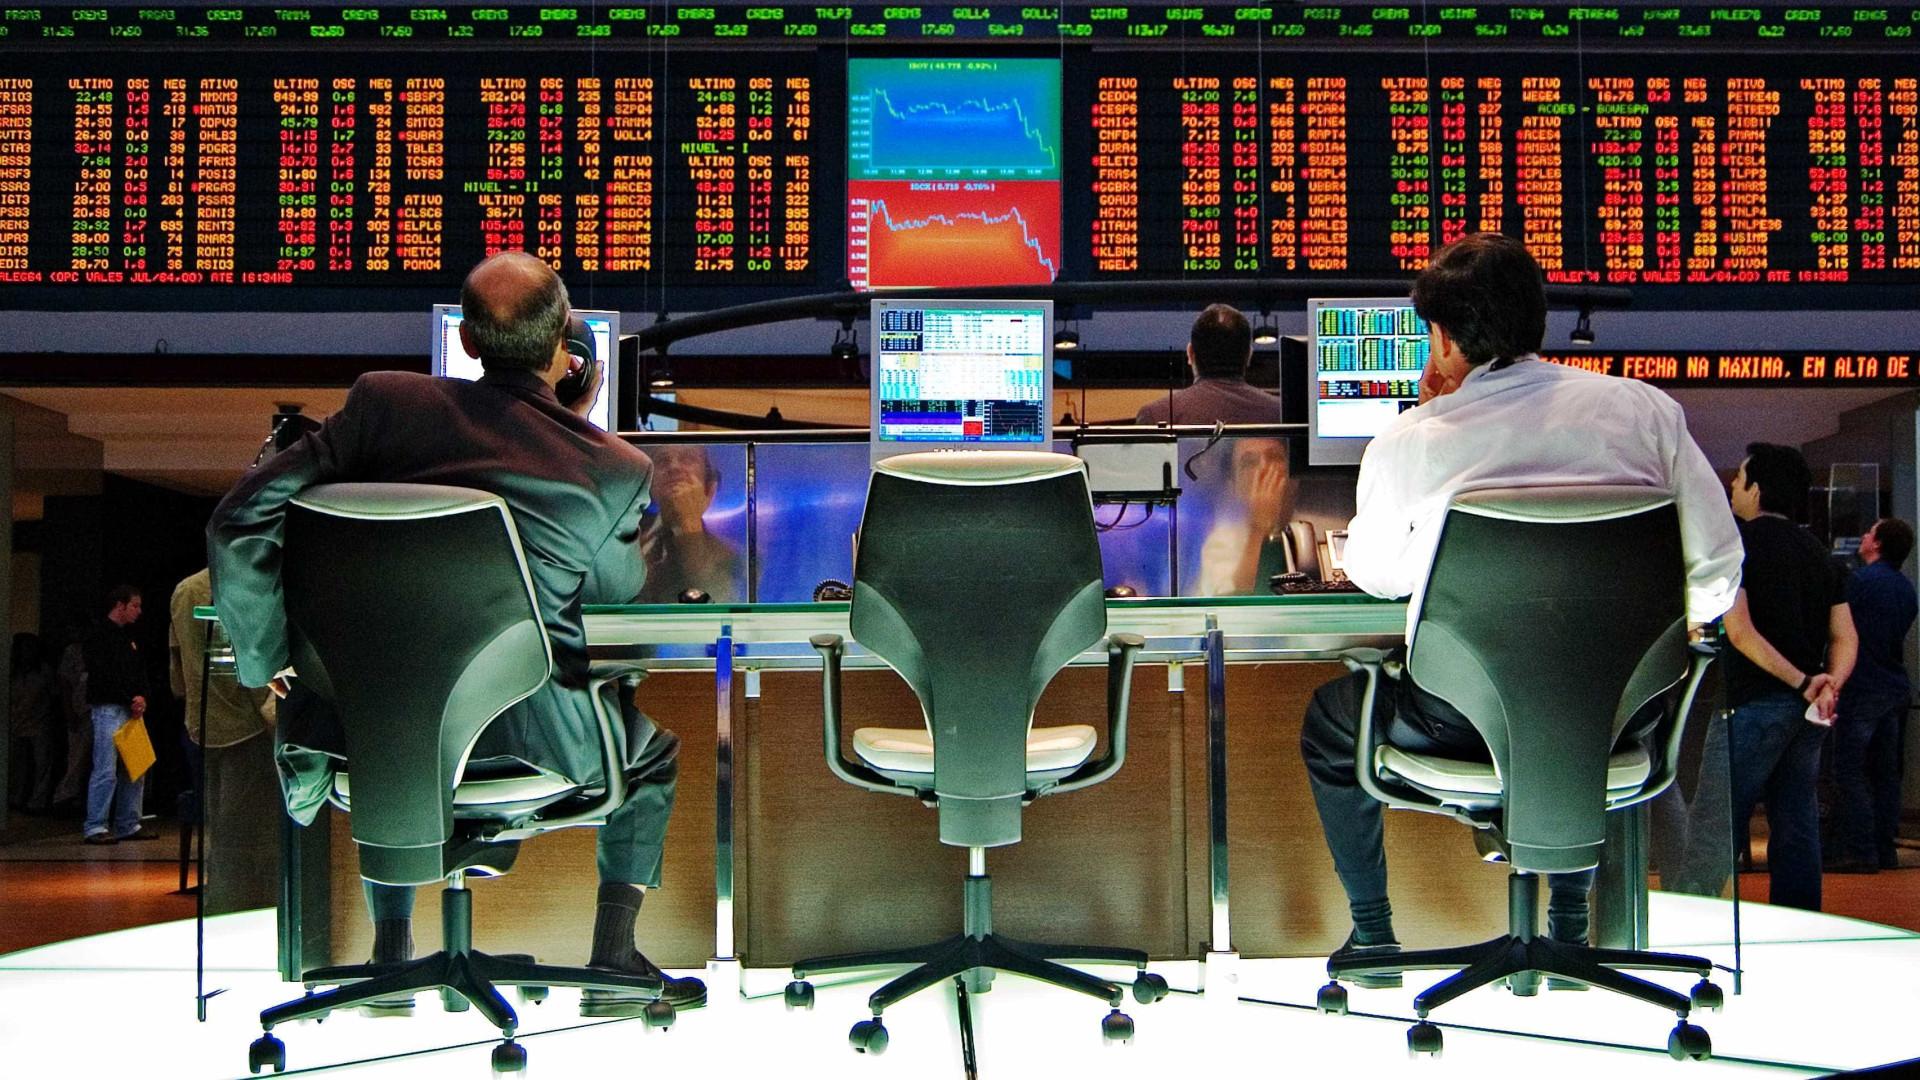 Bolsa cai 3,2% e tem pior mês desde maio com dúvida sobre reforma